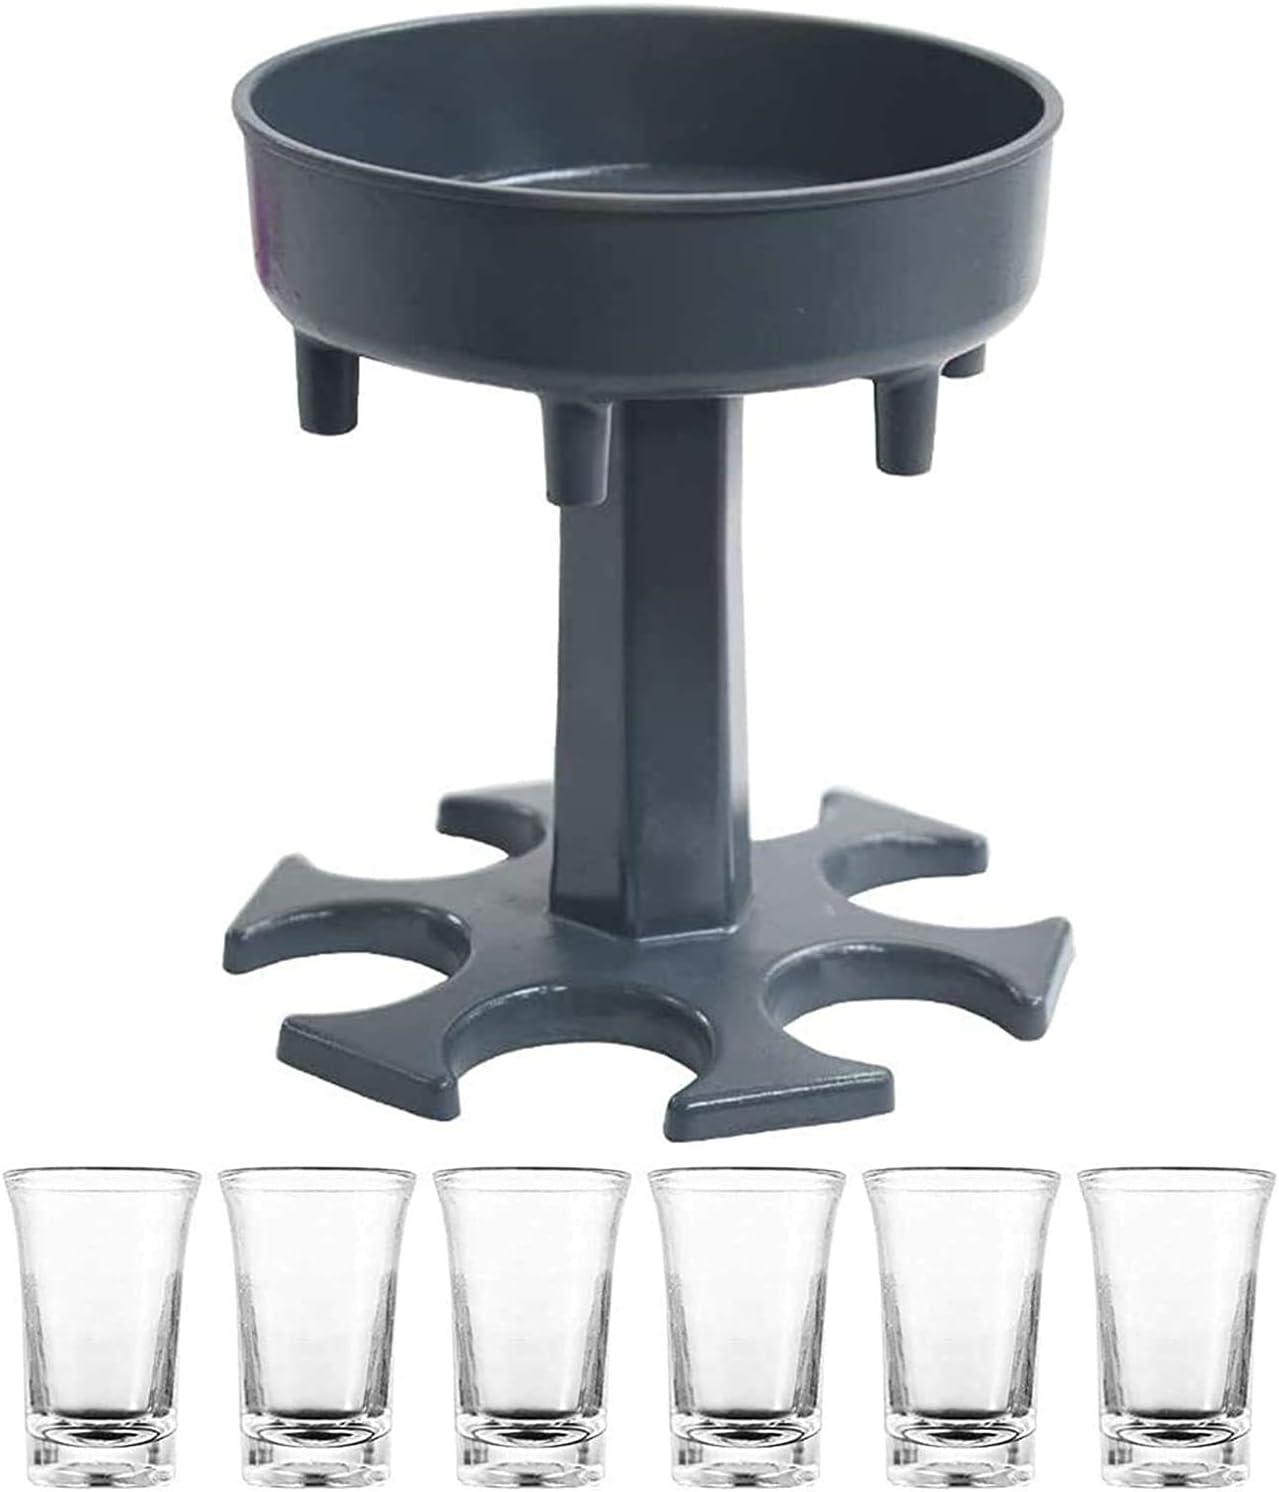 J2CC 6 Acrylic Cups Dispenser and Holder,Bar Dispenser,Wine Liquor Bottle Dispenser Filling Multiple Cocktail Beverage Revolving Drinking Liquids Started dispenser (gray)